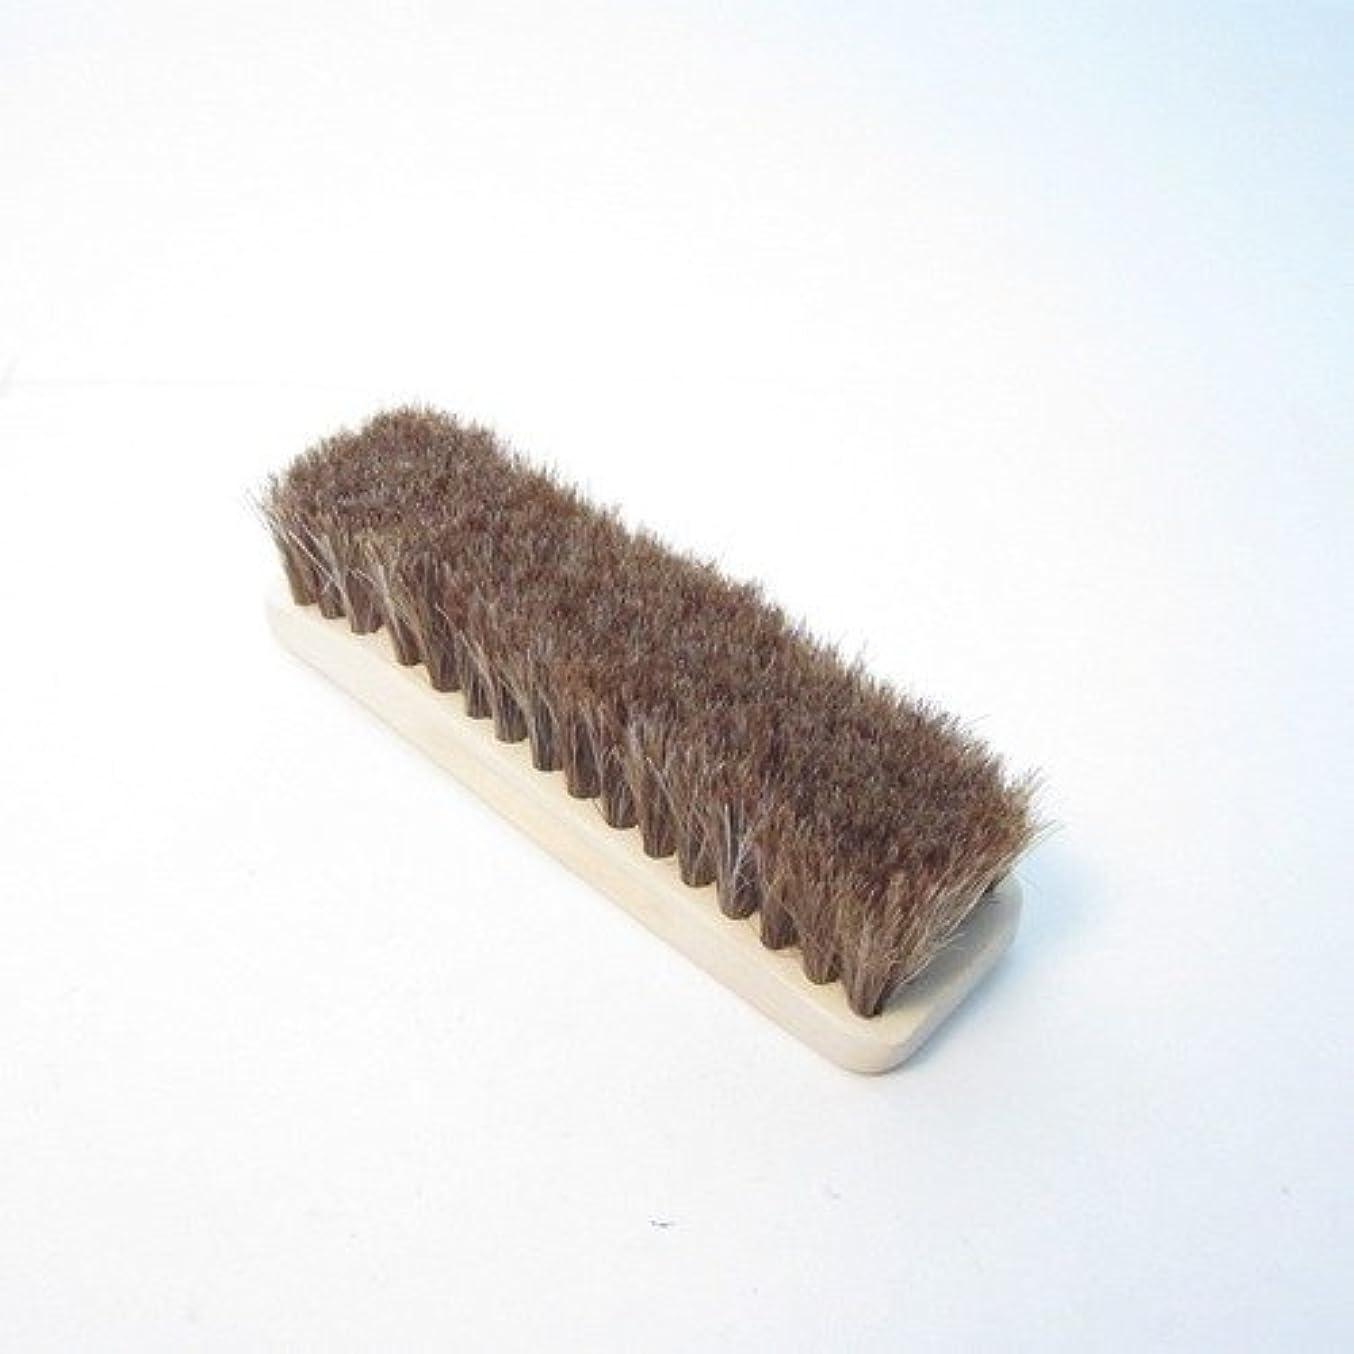 くぼみマエストロバス[矢澤] 白木ブラシ ホースヘア